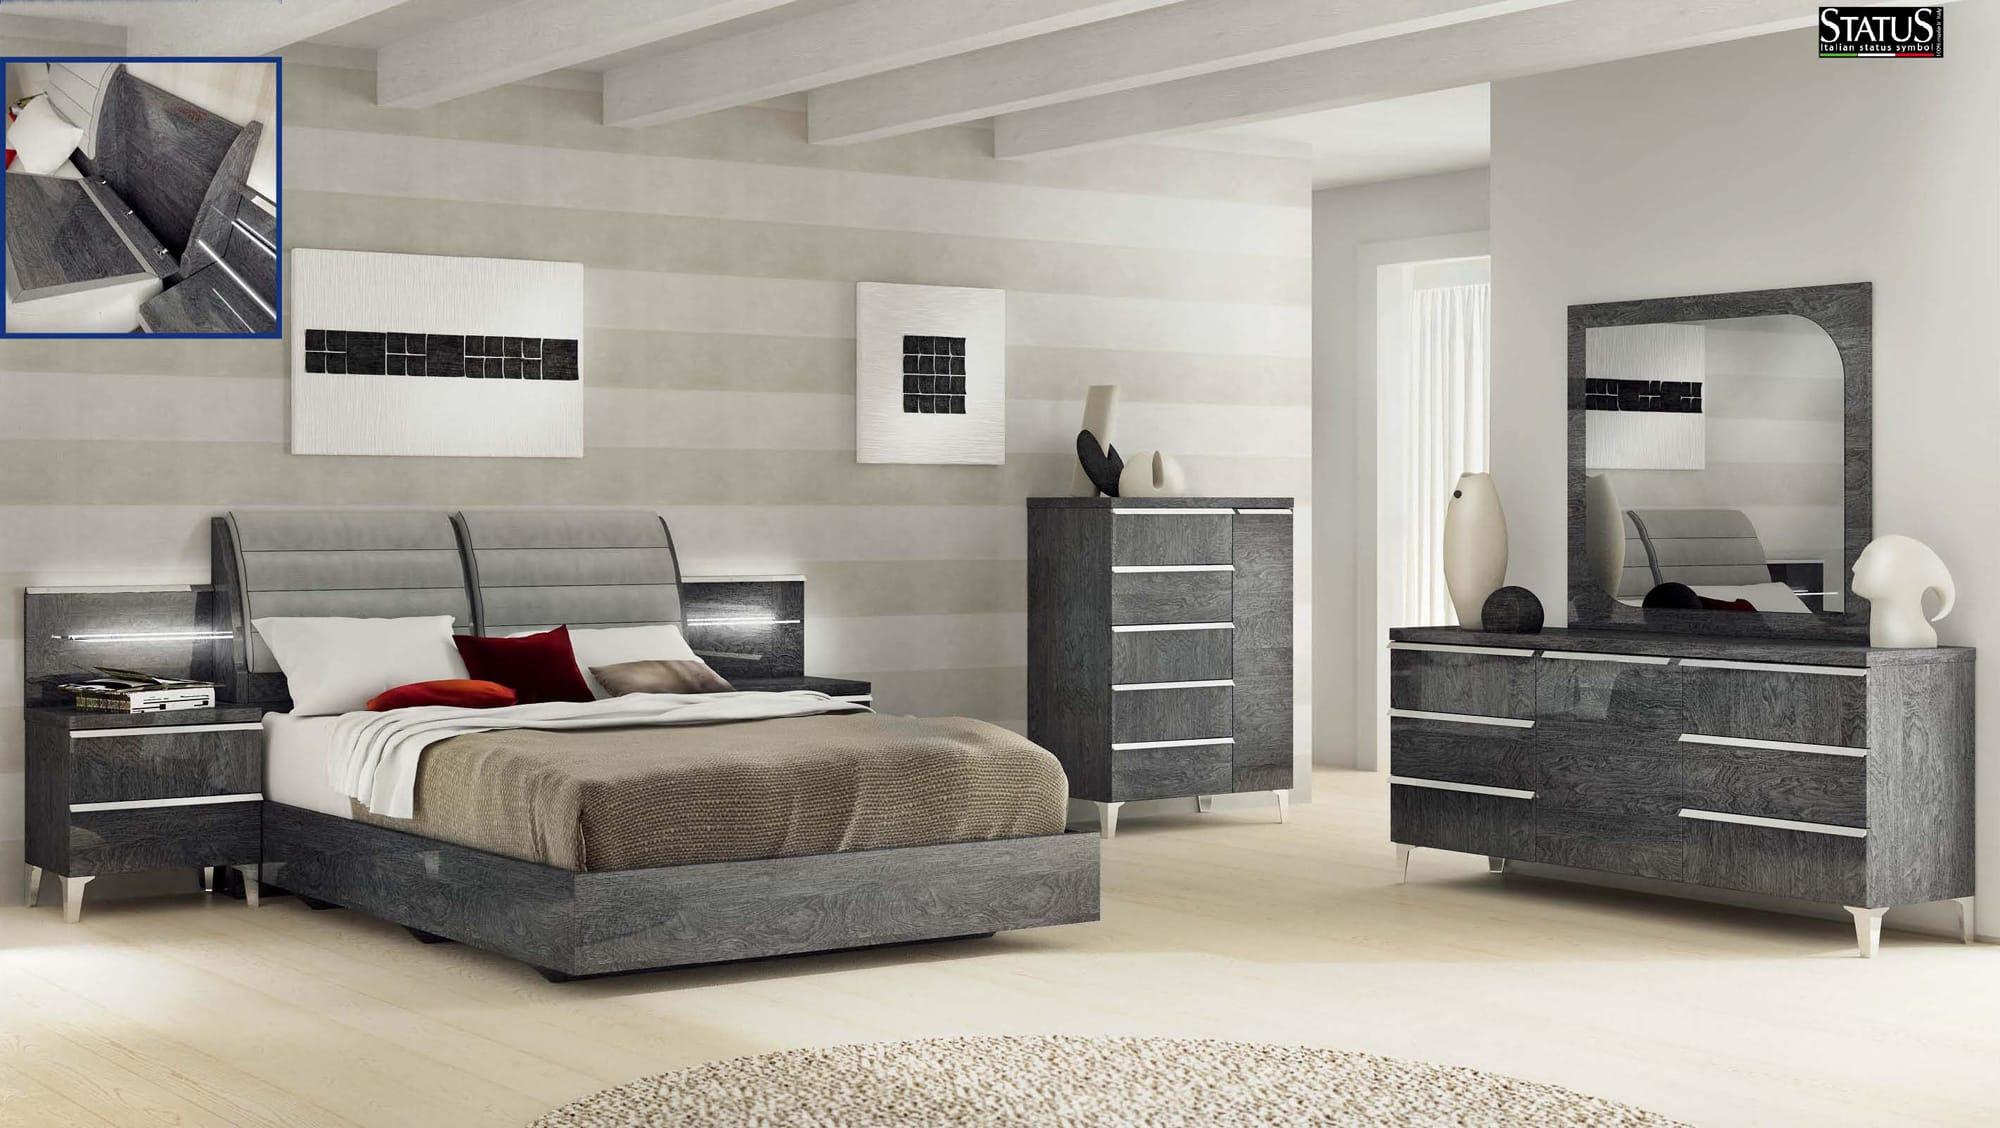 Image Result For Bedroom Grey